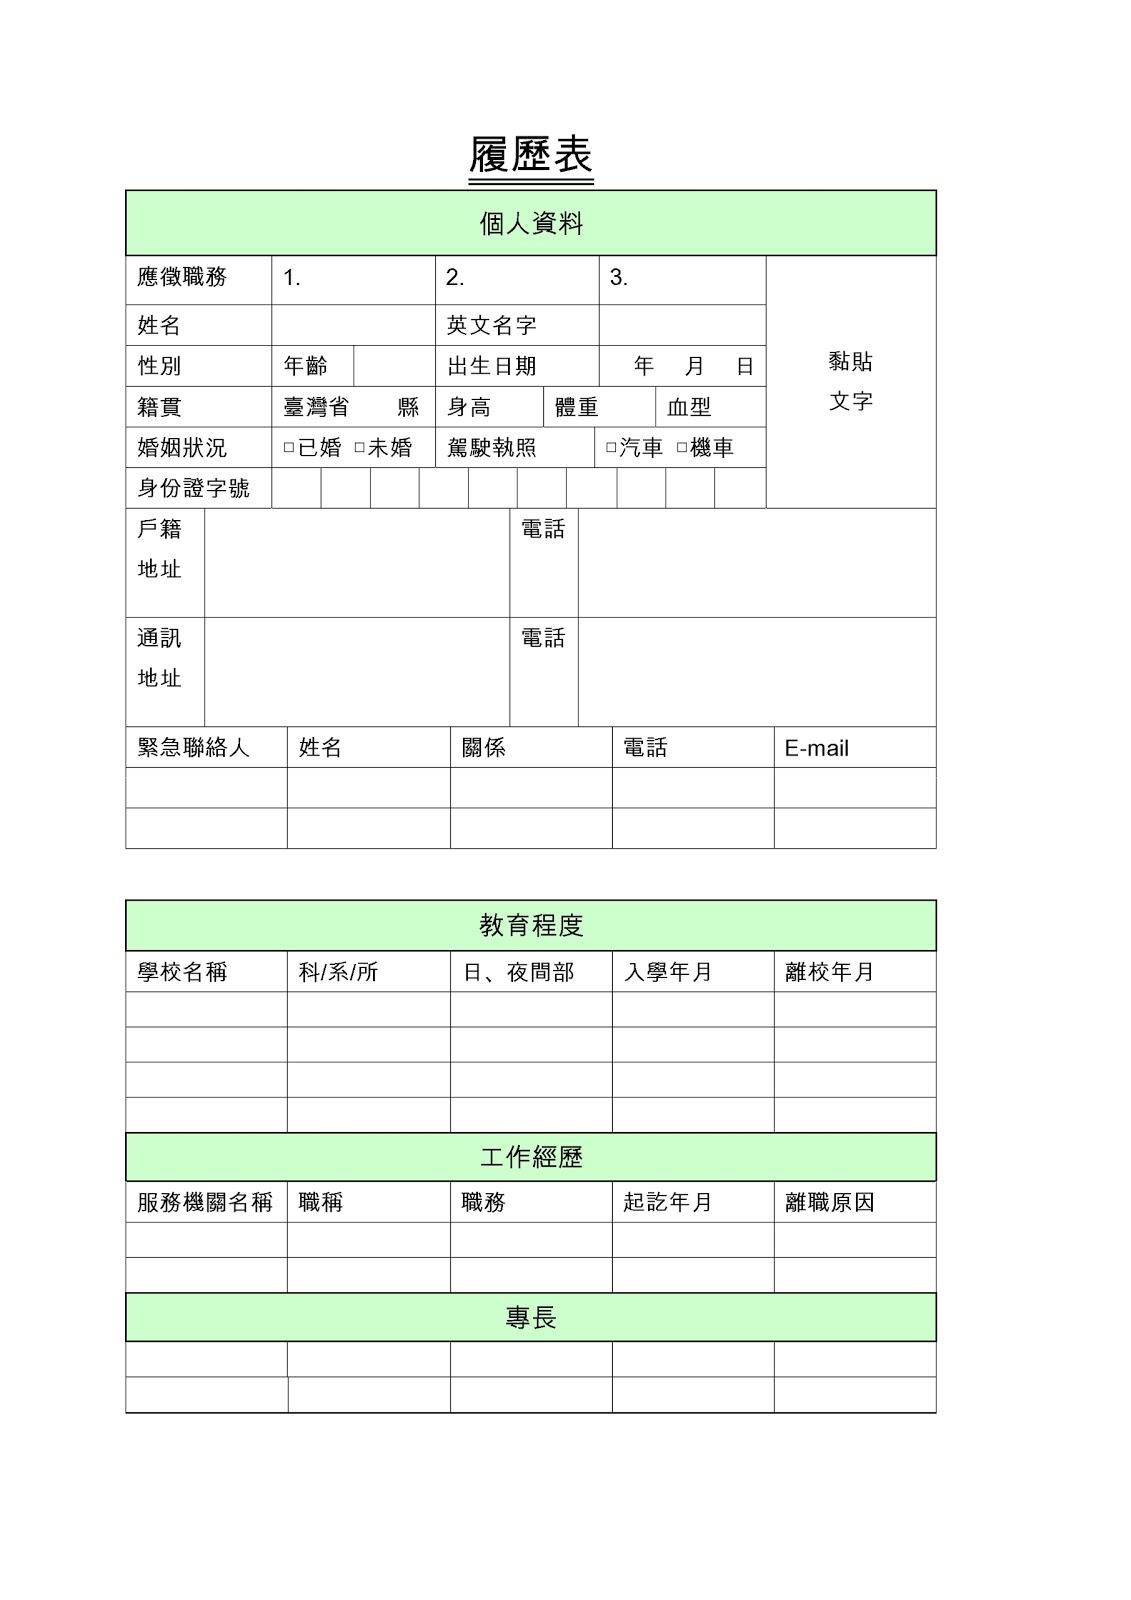 辦公室應用軟體學習網誌: EX01: 履歷表-Word表格的應用